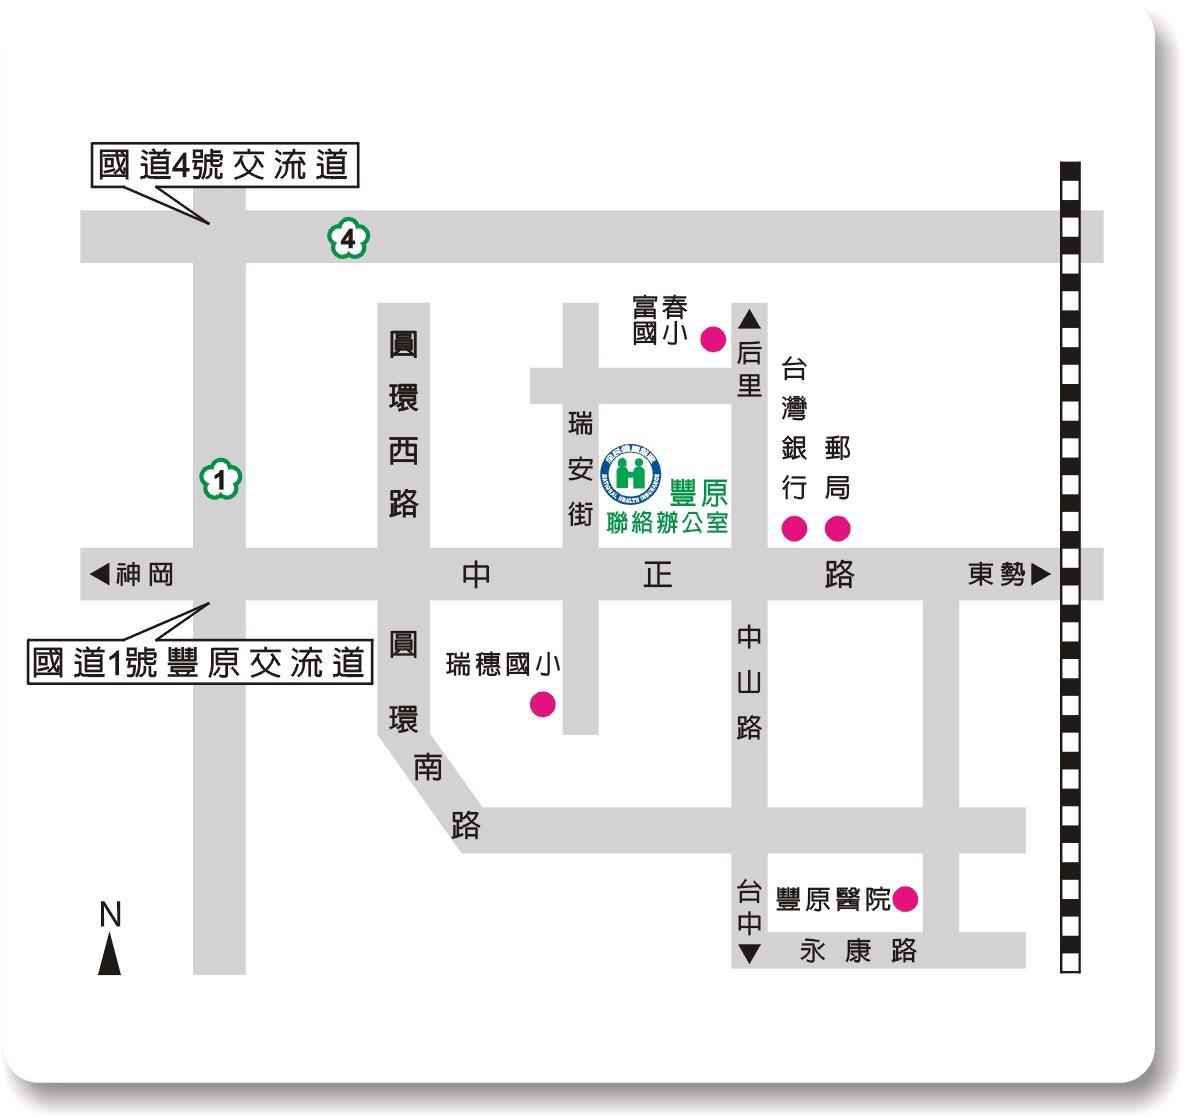 辦公室地點-中區業務組,豐原聯絡辦公室地圖